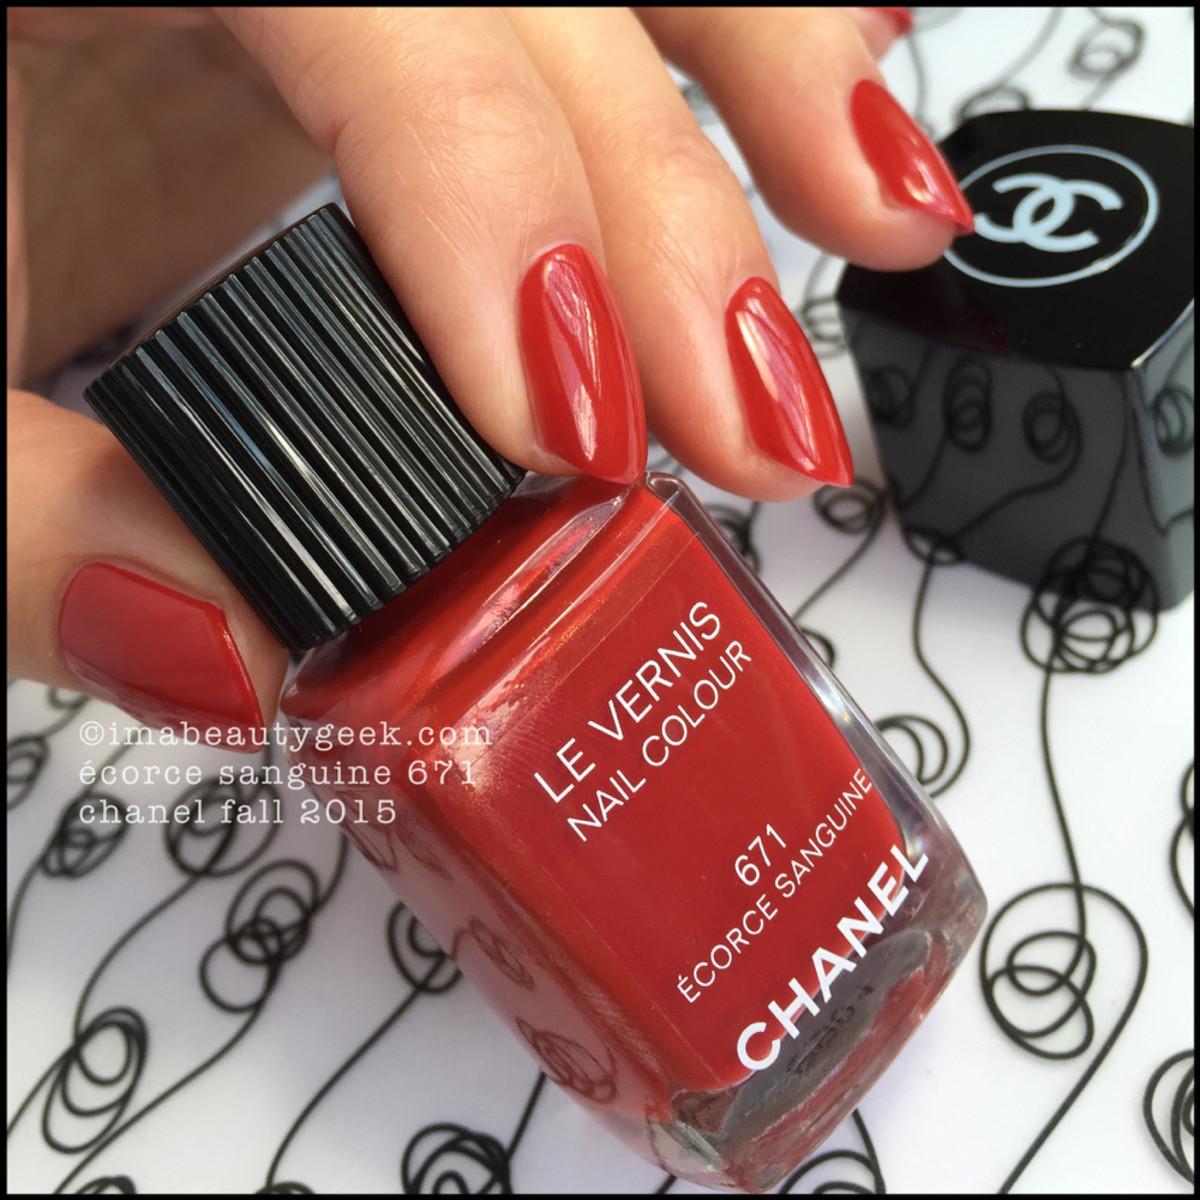 Chanel Fall 2015 Ecorce Sanguine 671 Nail Polish Vernis